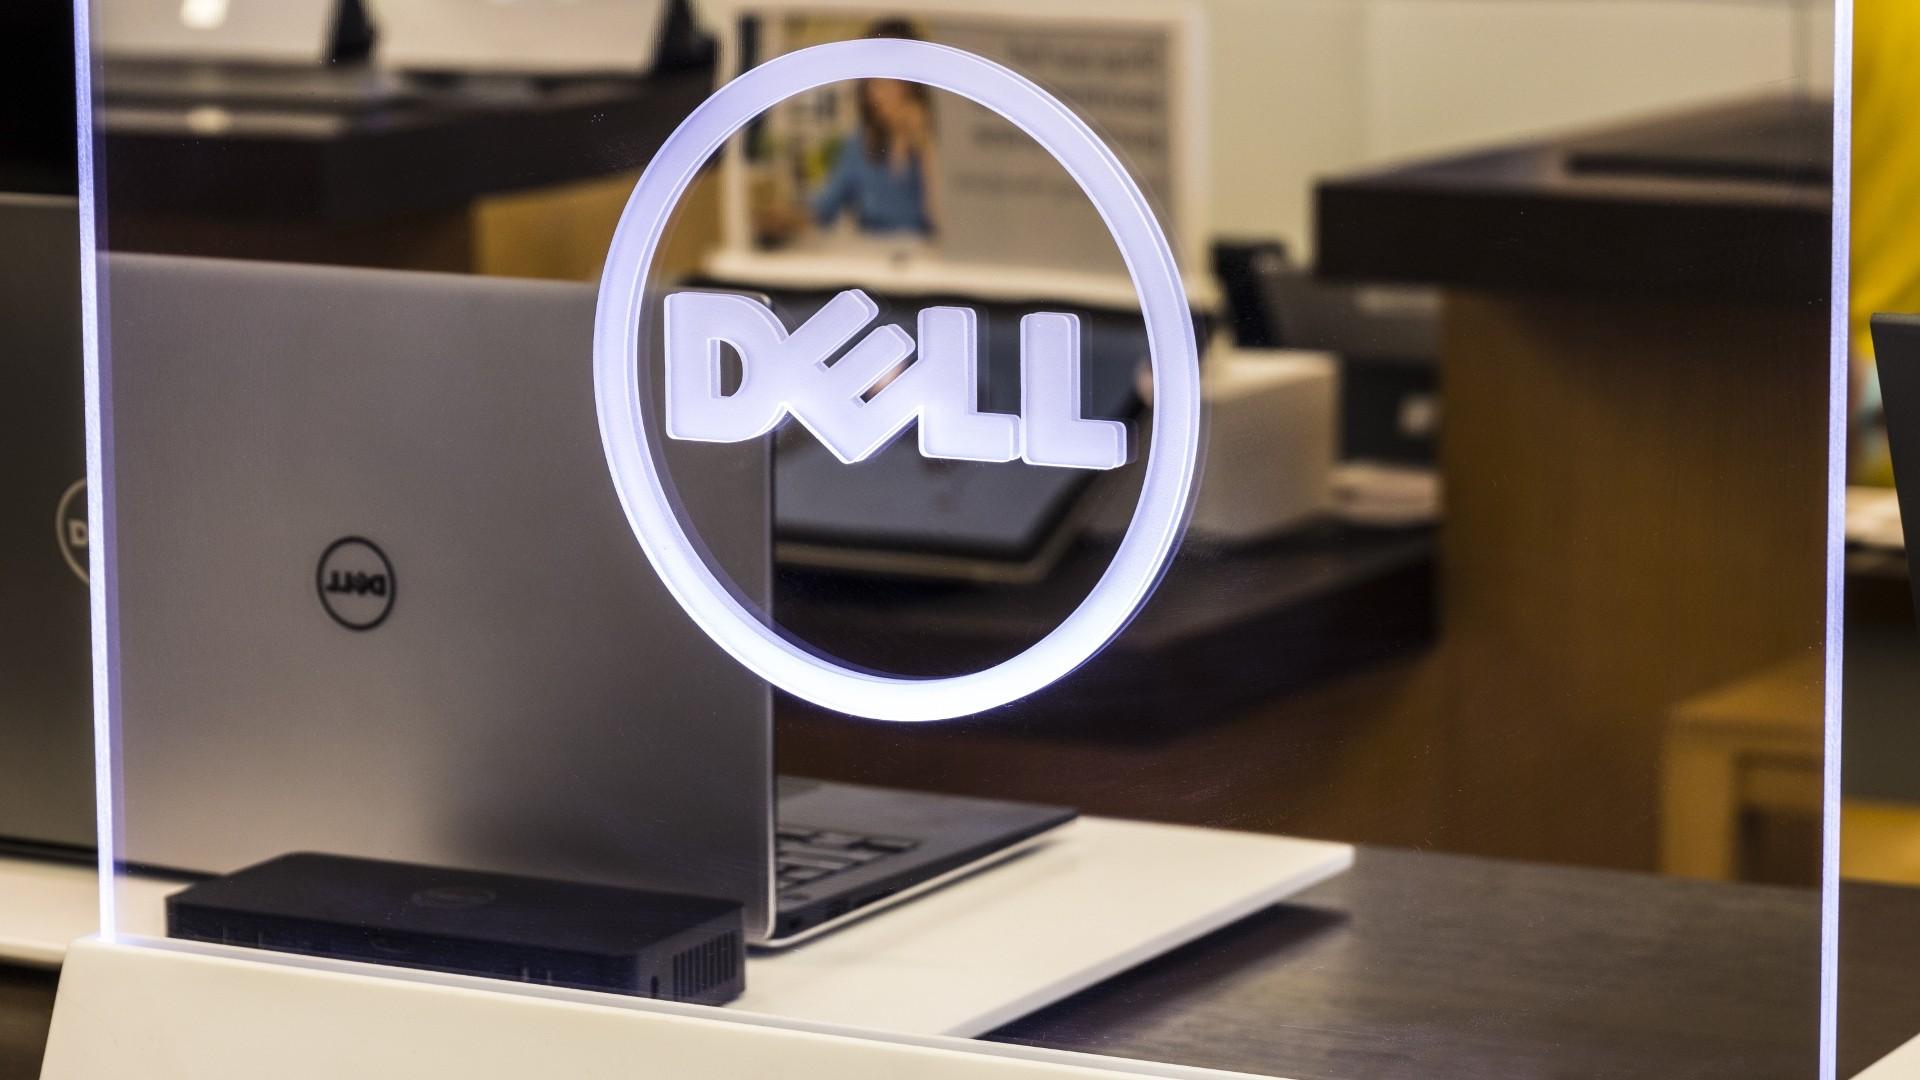 Dell promozio berriak 10 sarrera eskaintzen ditu Cinema City-n